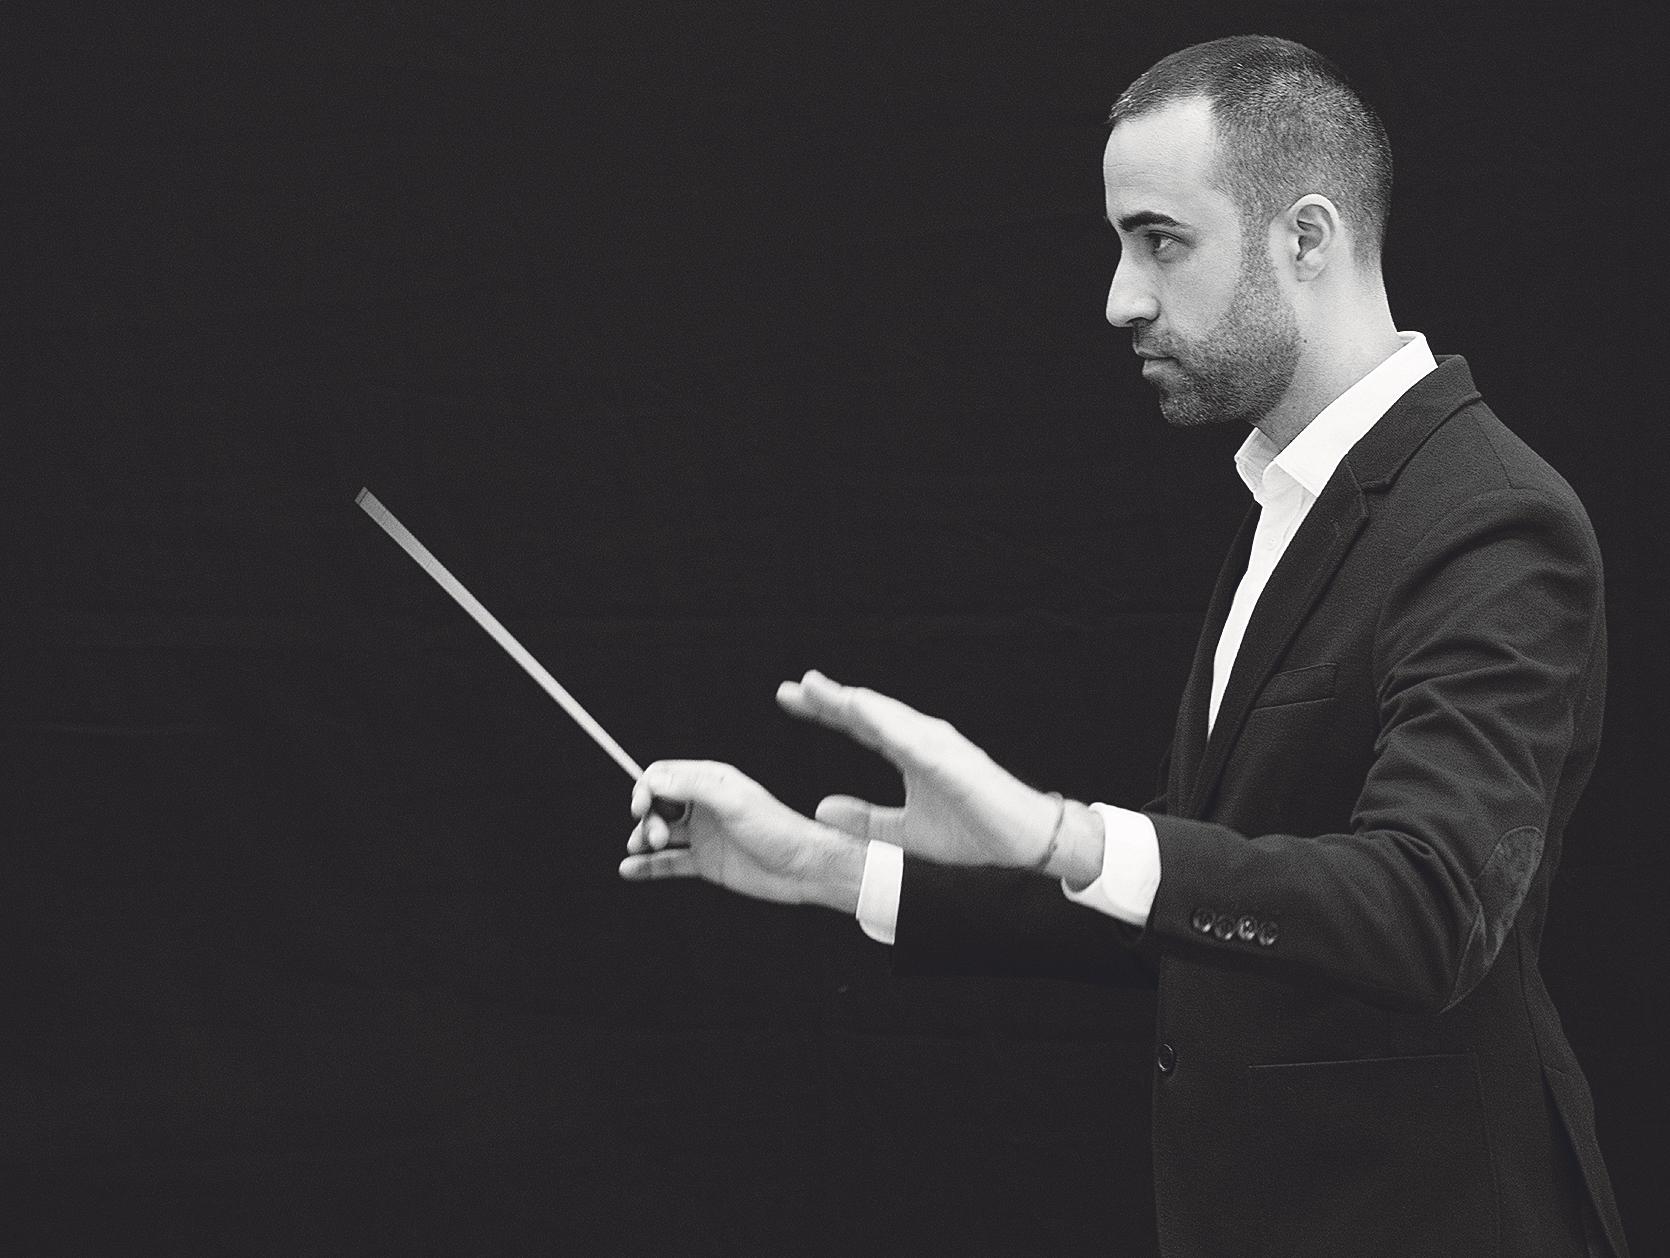 Saül Gómez assumeix la direcció de la Jove Banda Simfònica El Periòdic d'Ontinyent